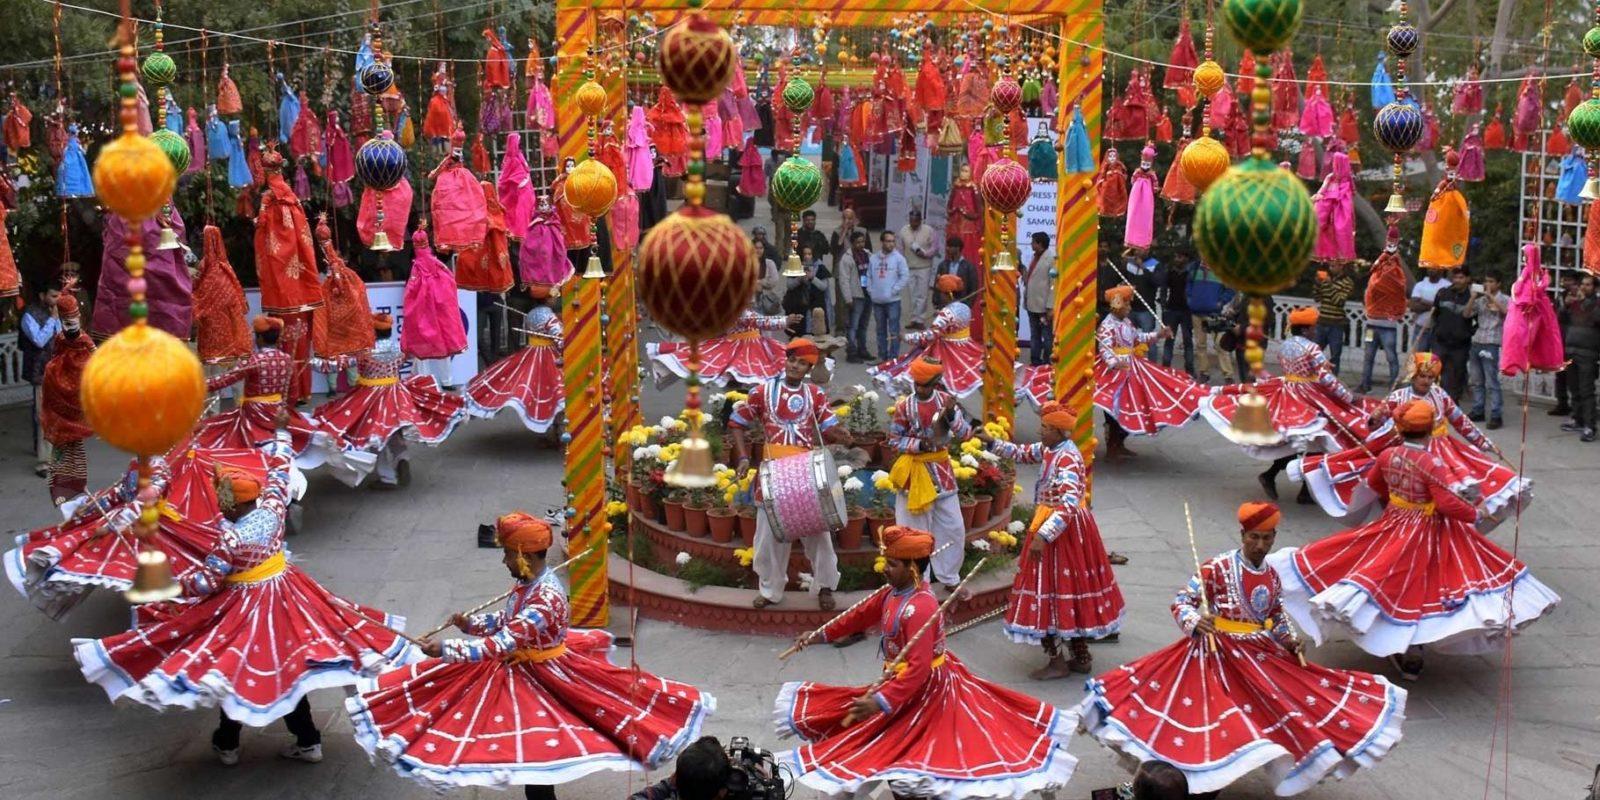 Jaipur cultural programs